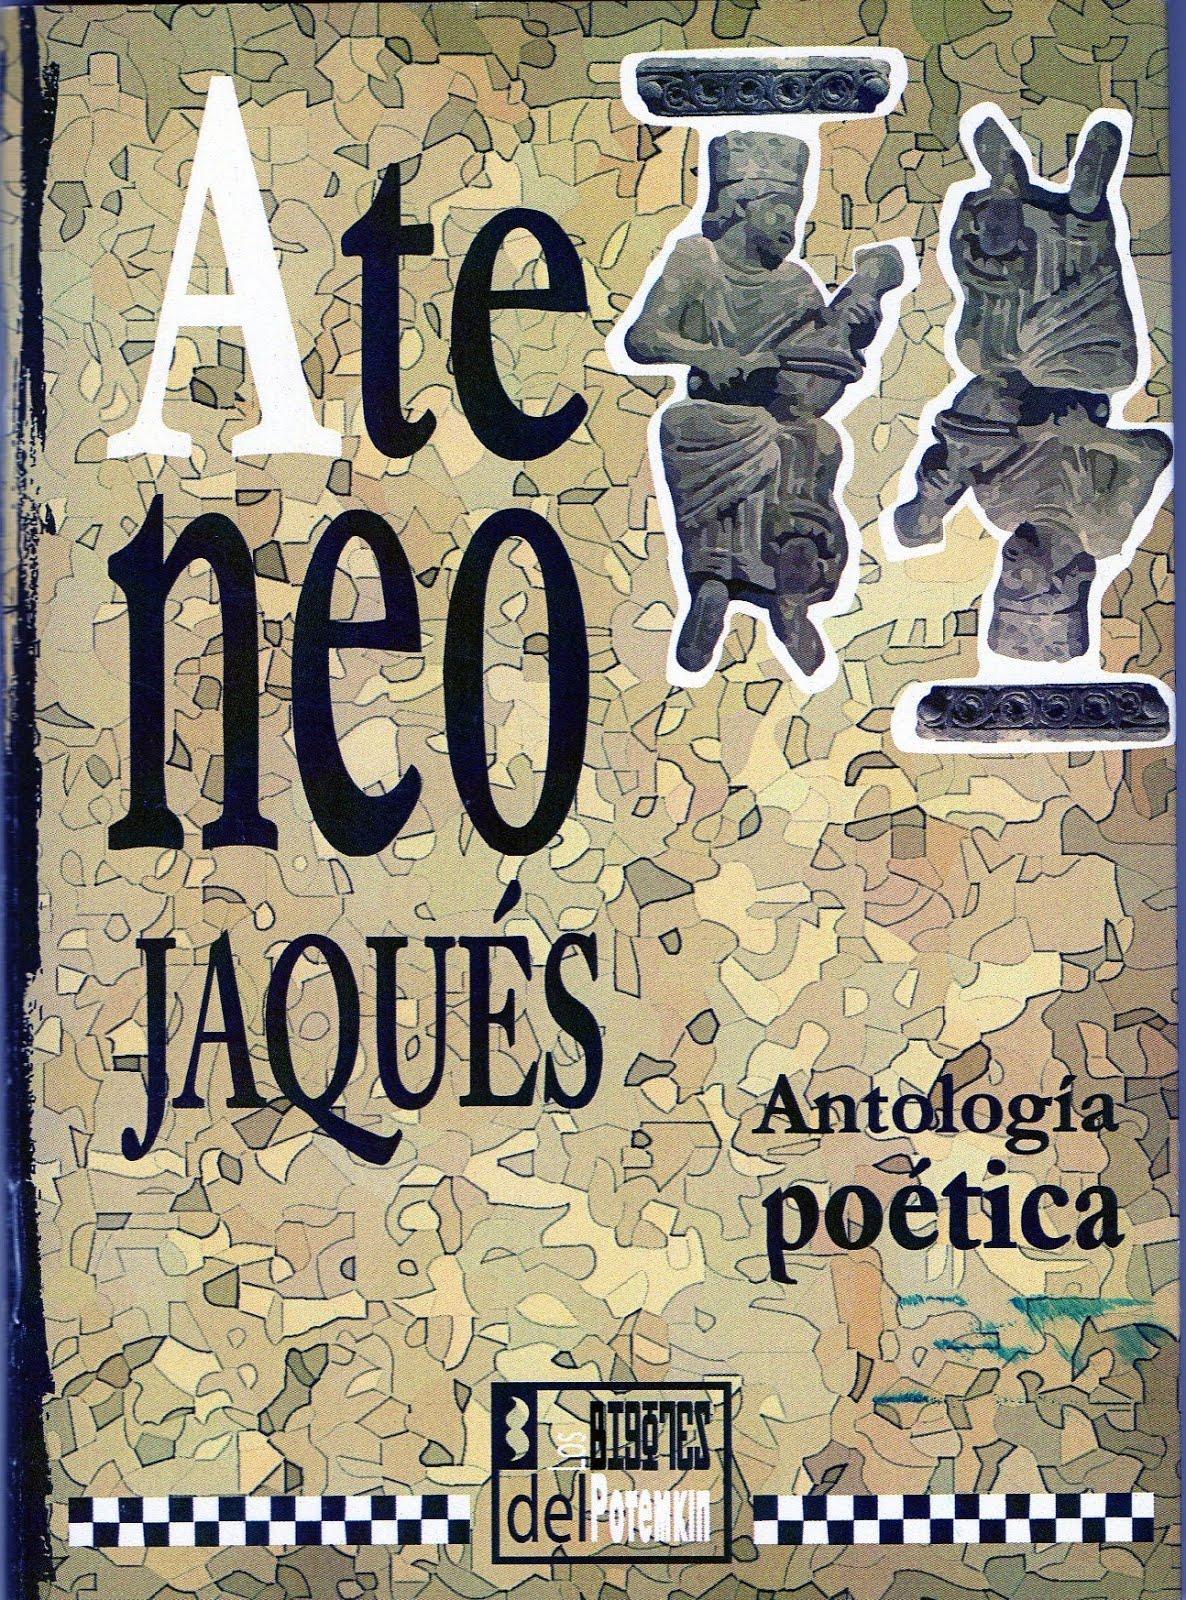 Antología Poética. Ateneo Jaqués 2017